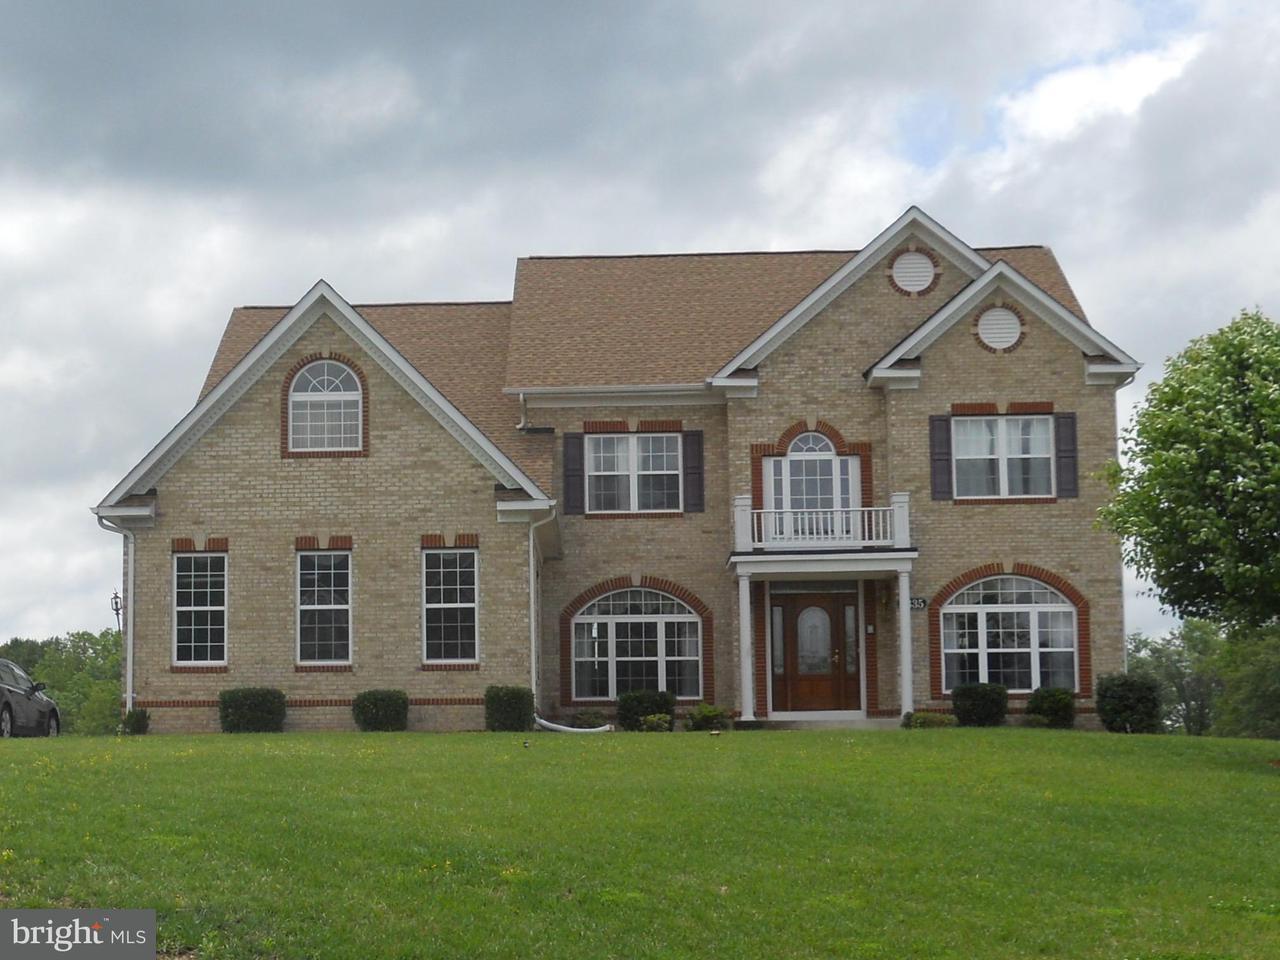 一戸建て のために 売買 アット 15502 Over Land Court 15502 Over Land Court Aquasco, メリーランド 20608 アメリカ合衆国